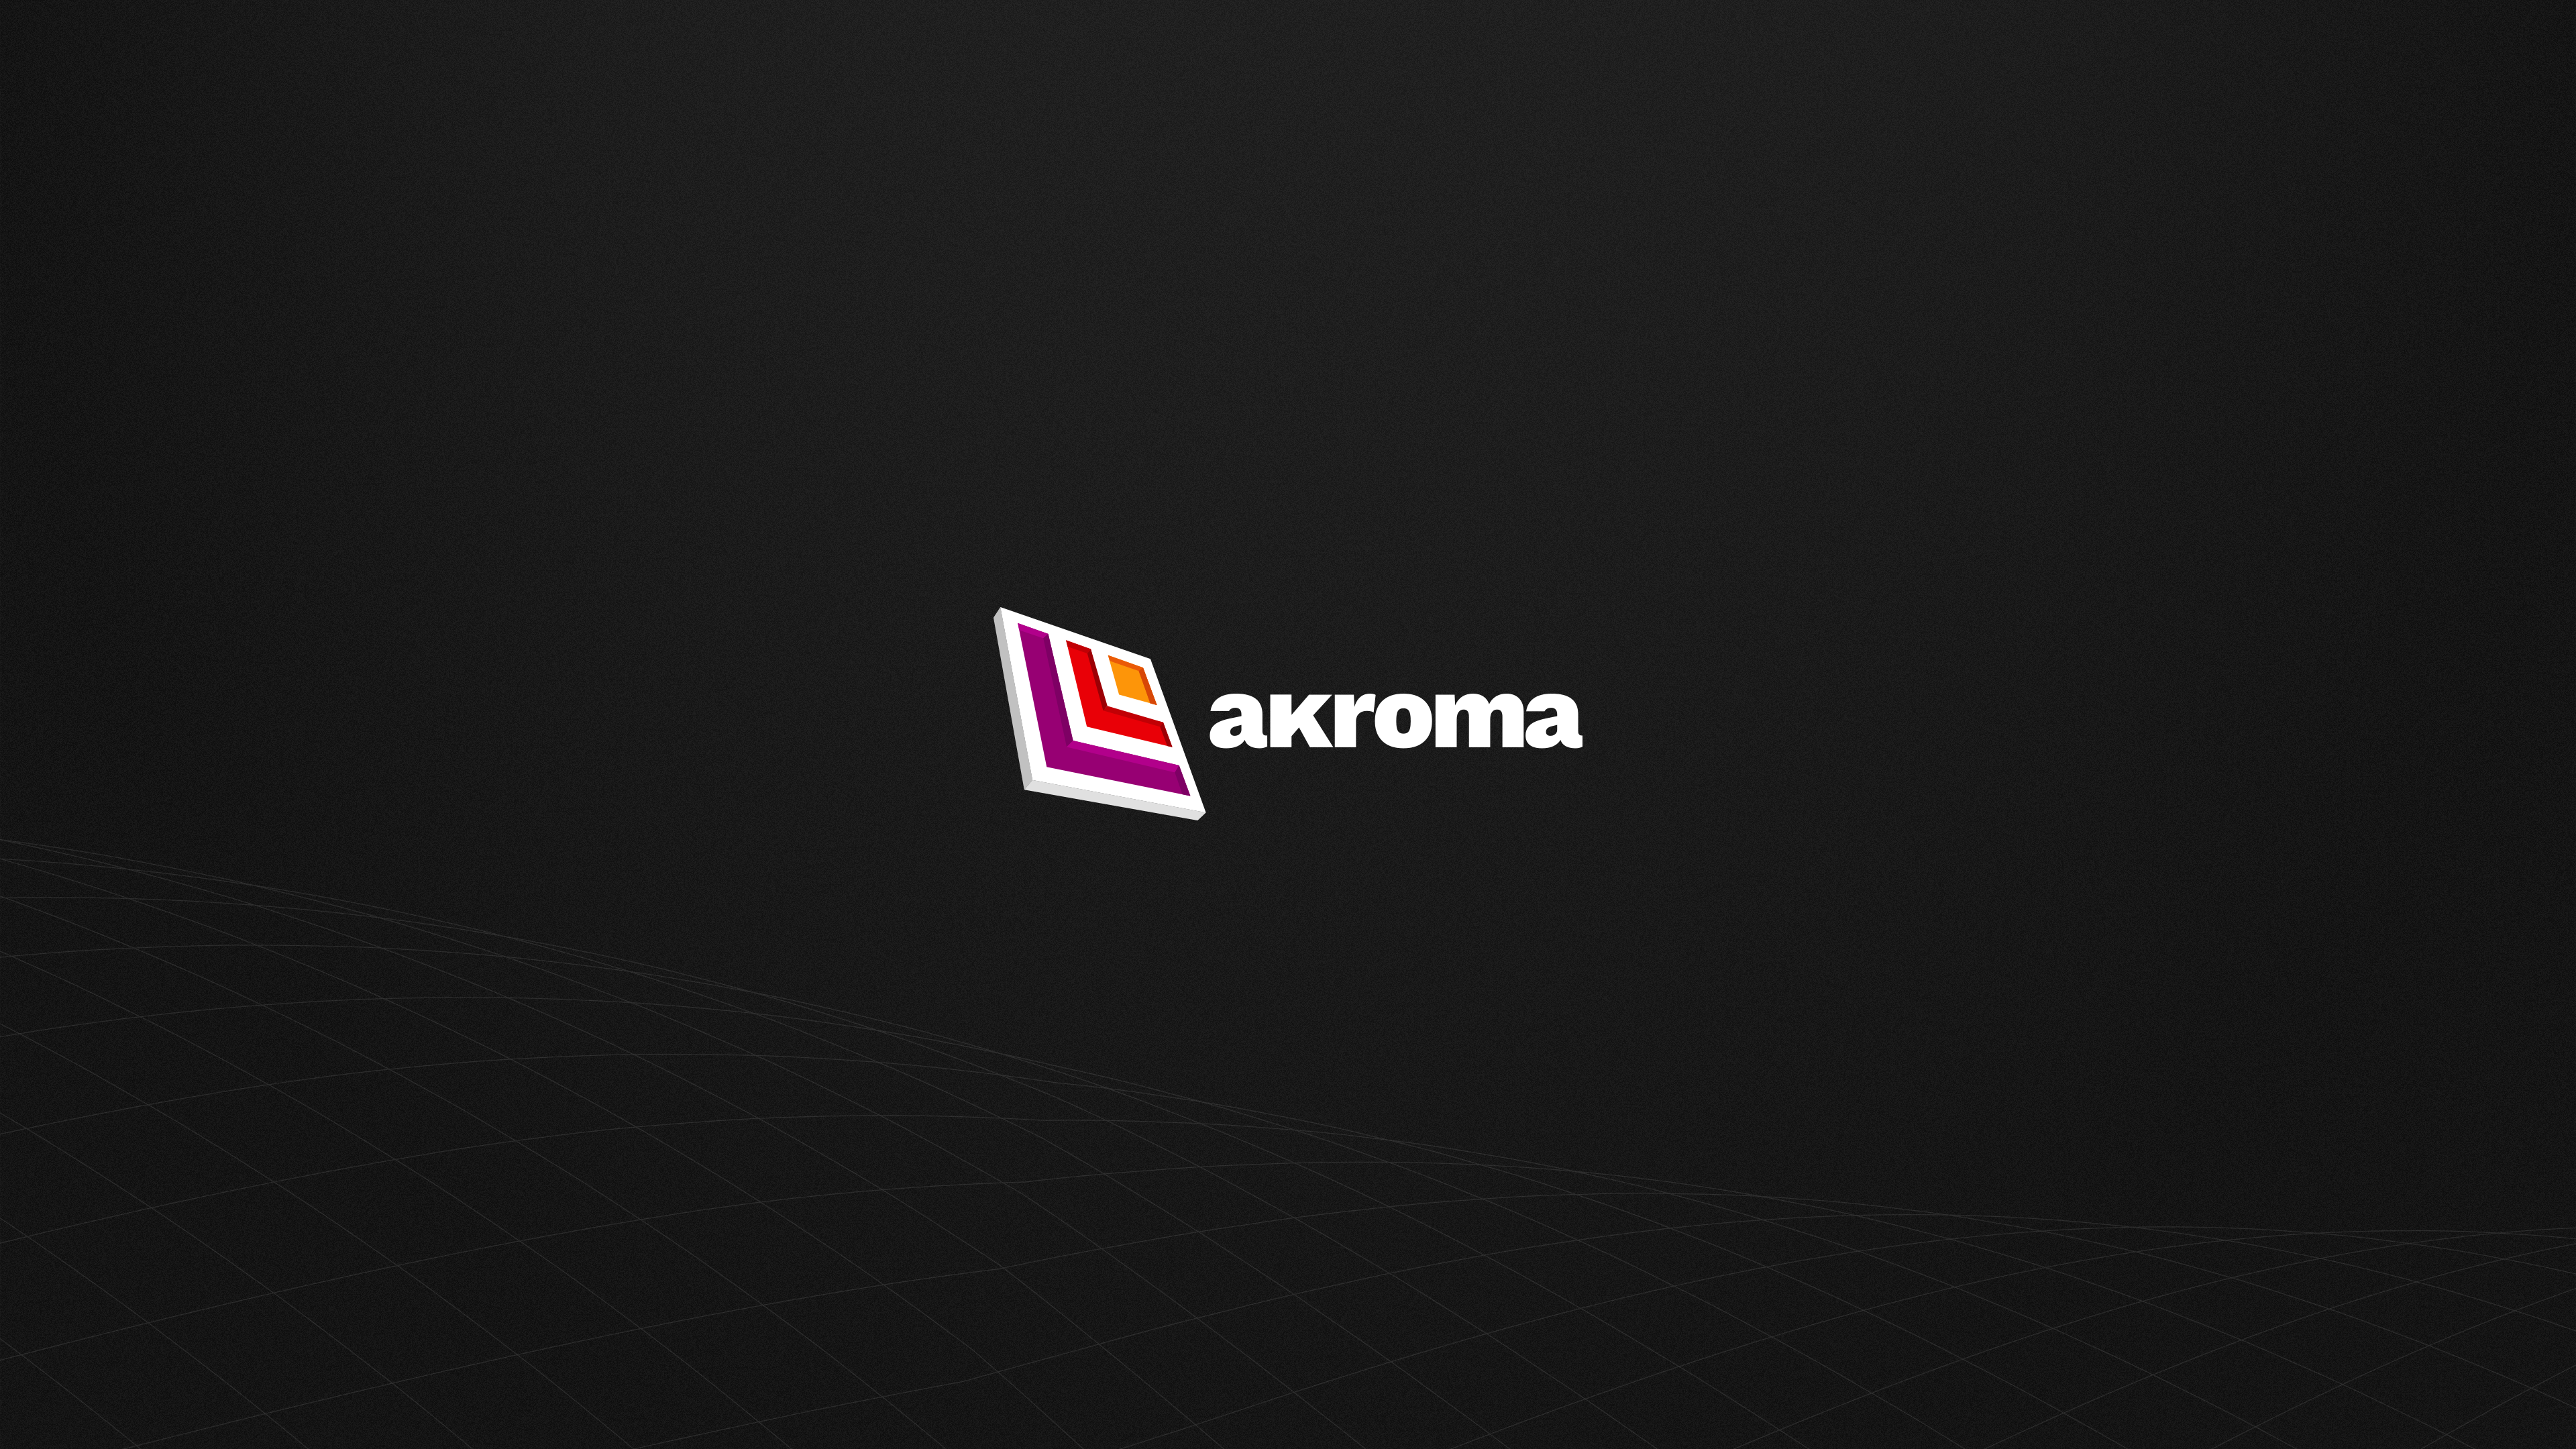 Akroma wallpaper 1